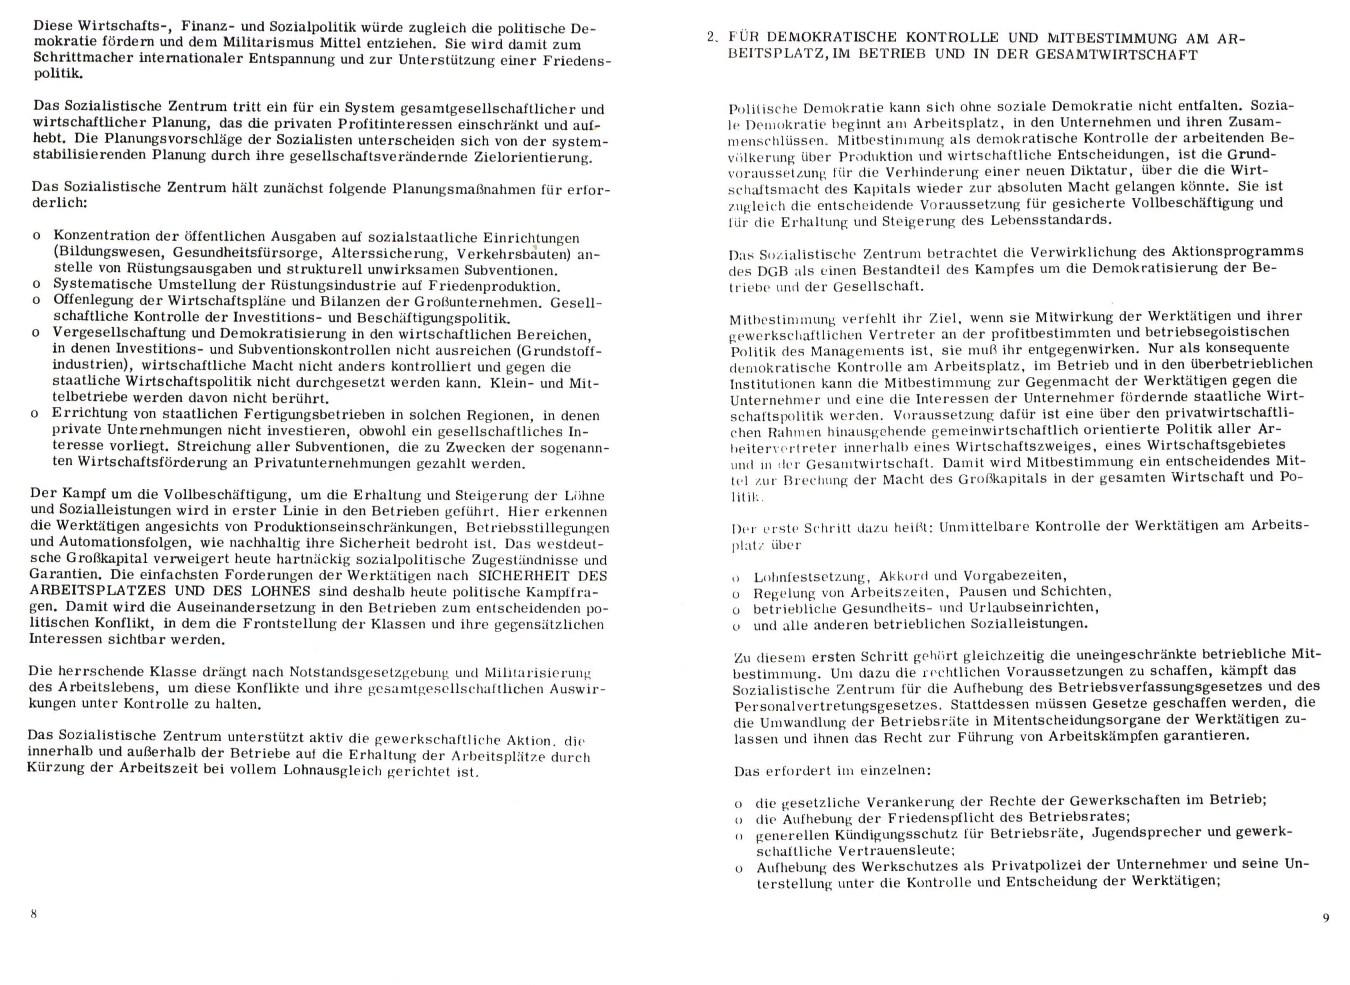 Sozialistisches_Zentrum_1968_Aktionsprogramm_05